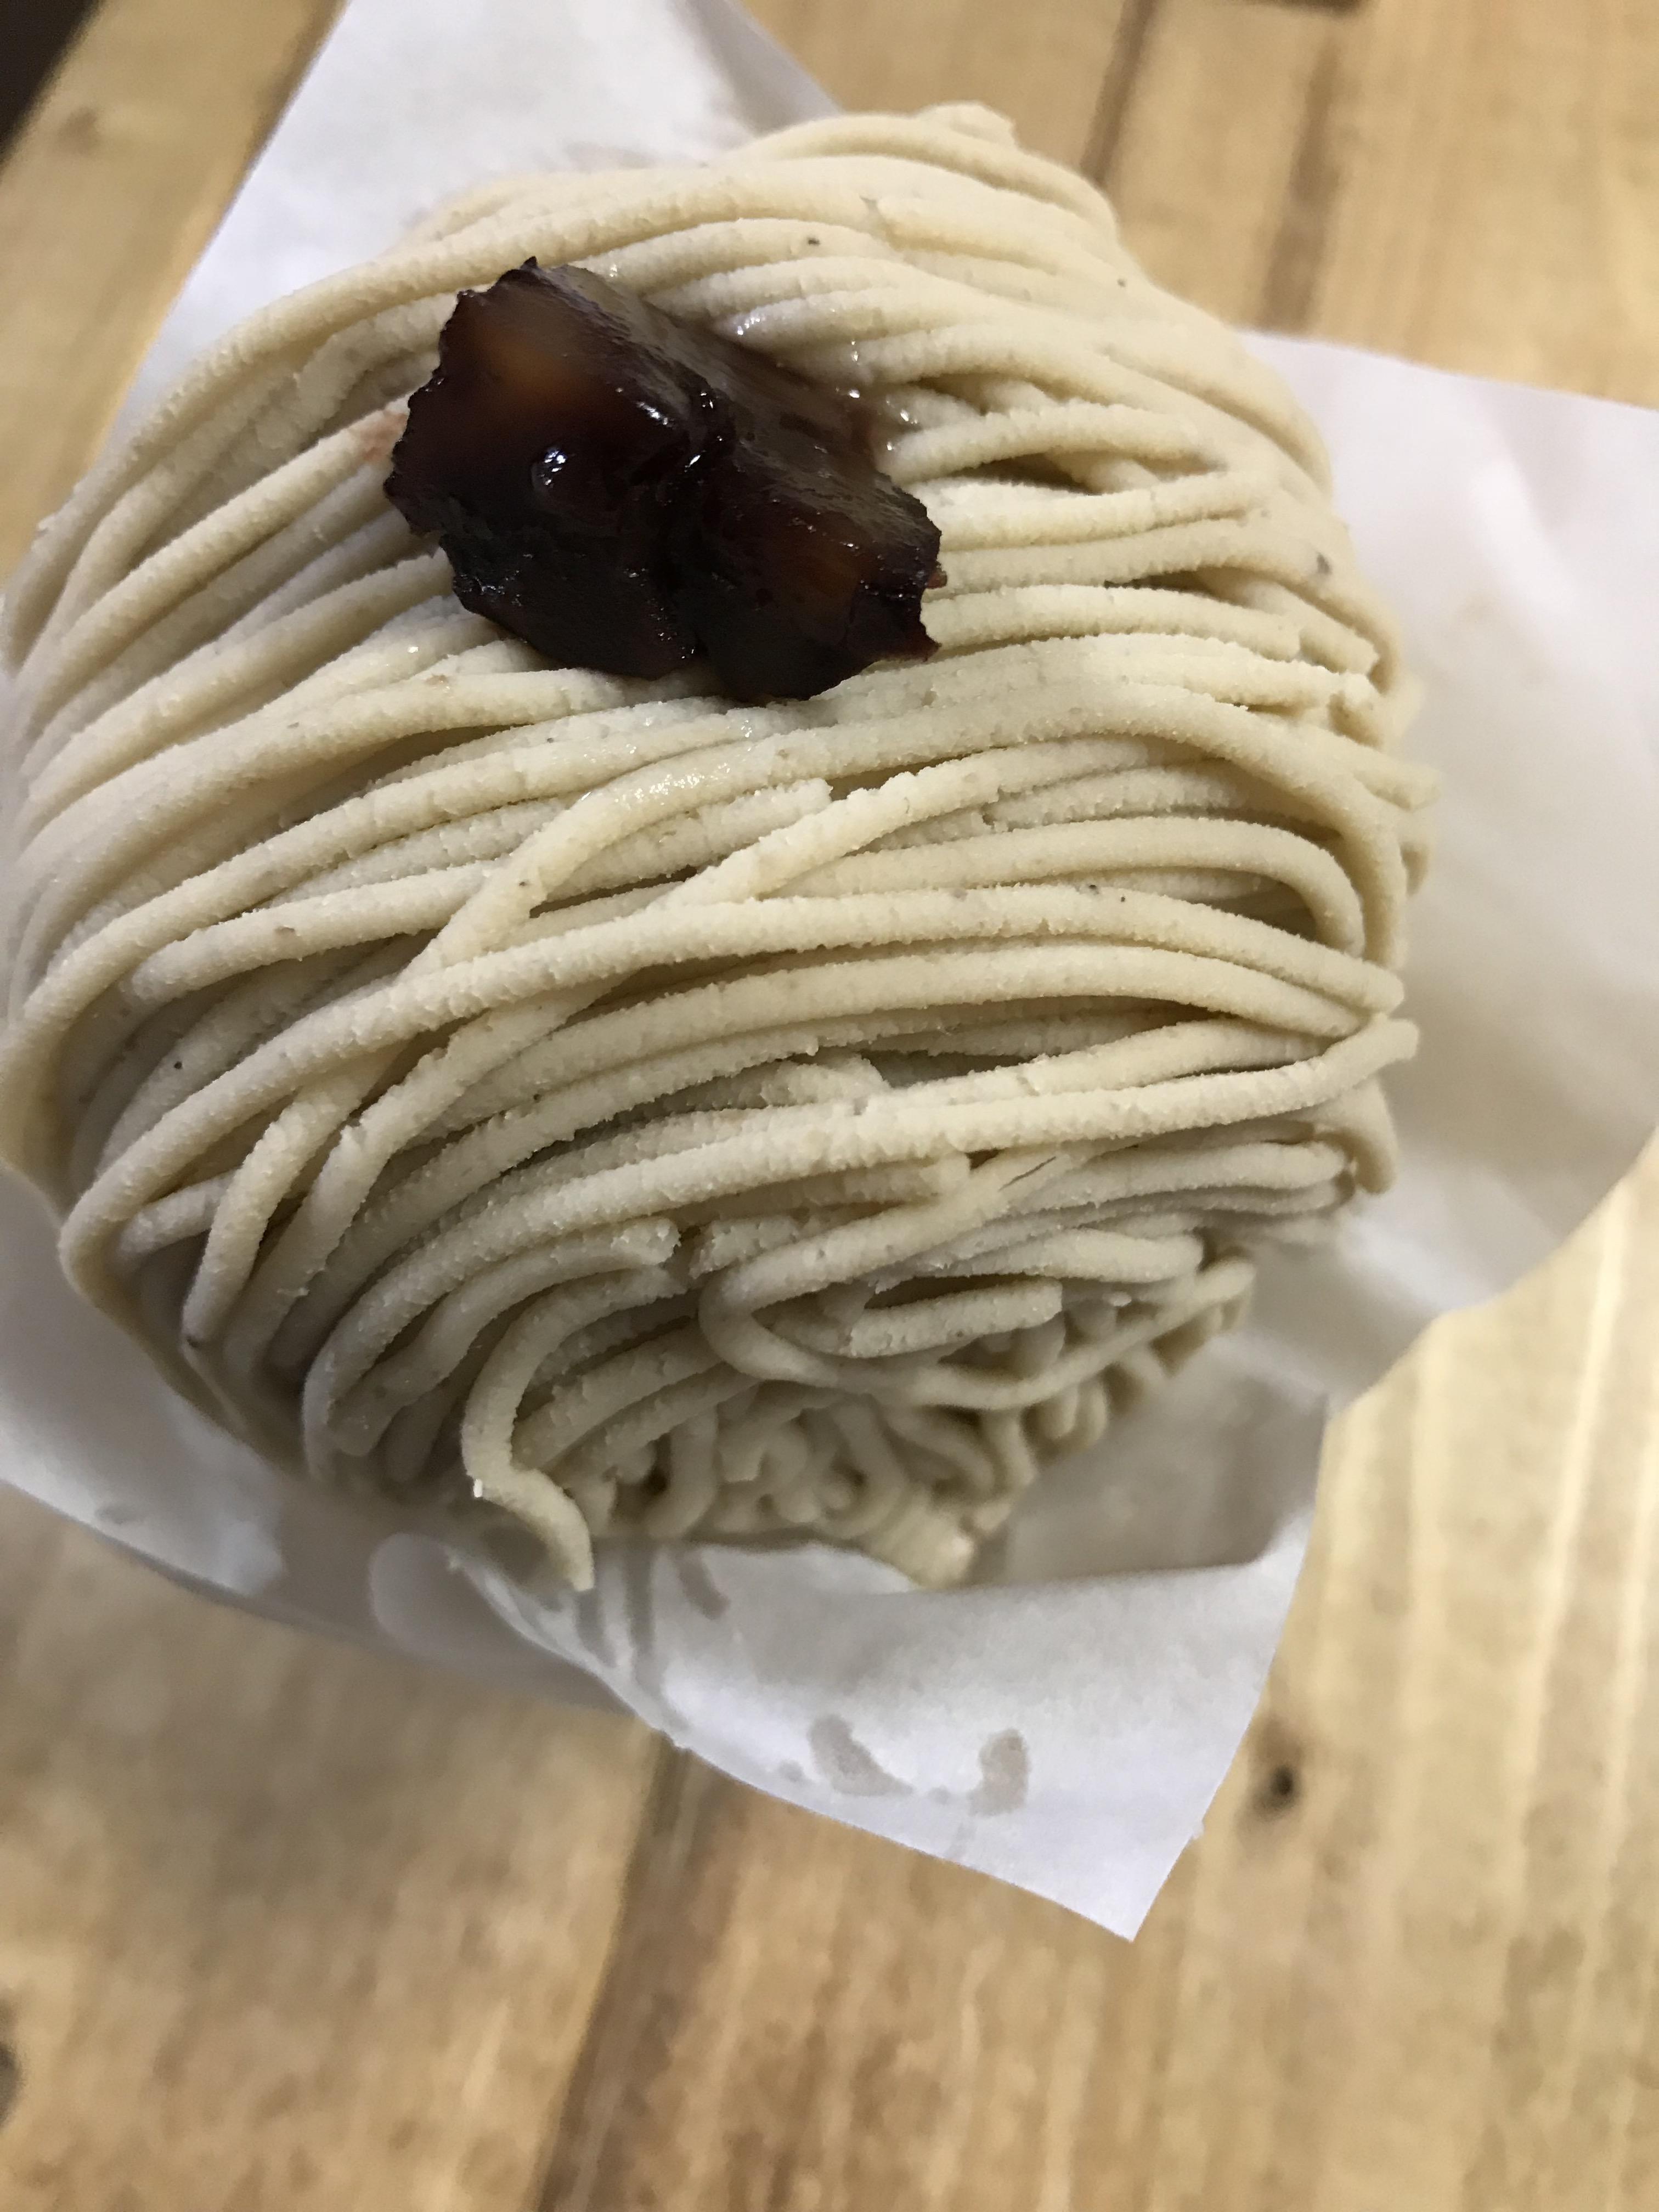 鳥羽(一子)「気になってた洋菓子店」11/03(土) 12:30 | 鳥羽(一子)の写メ・風俗動画